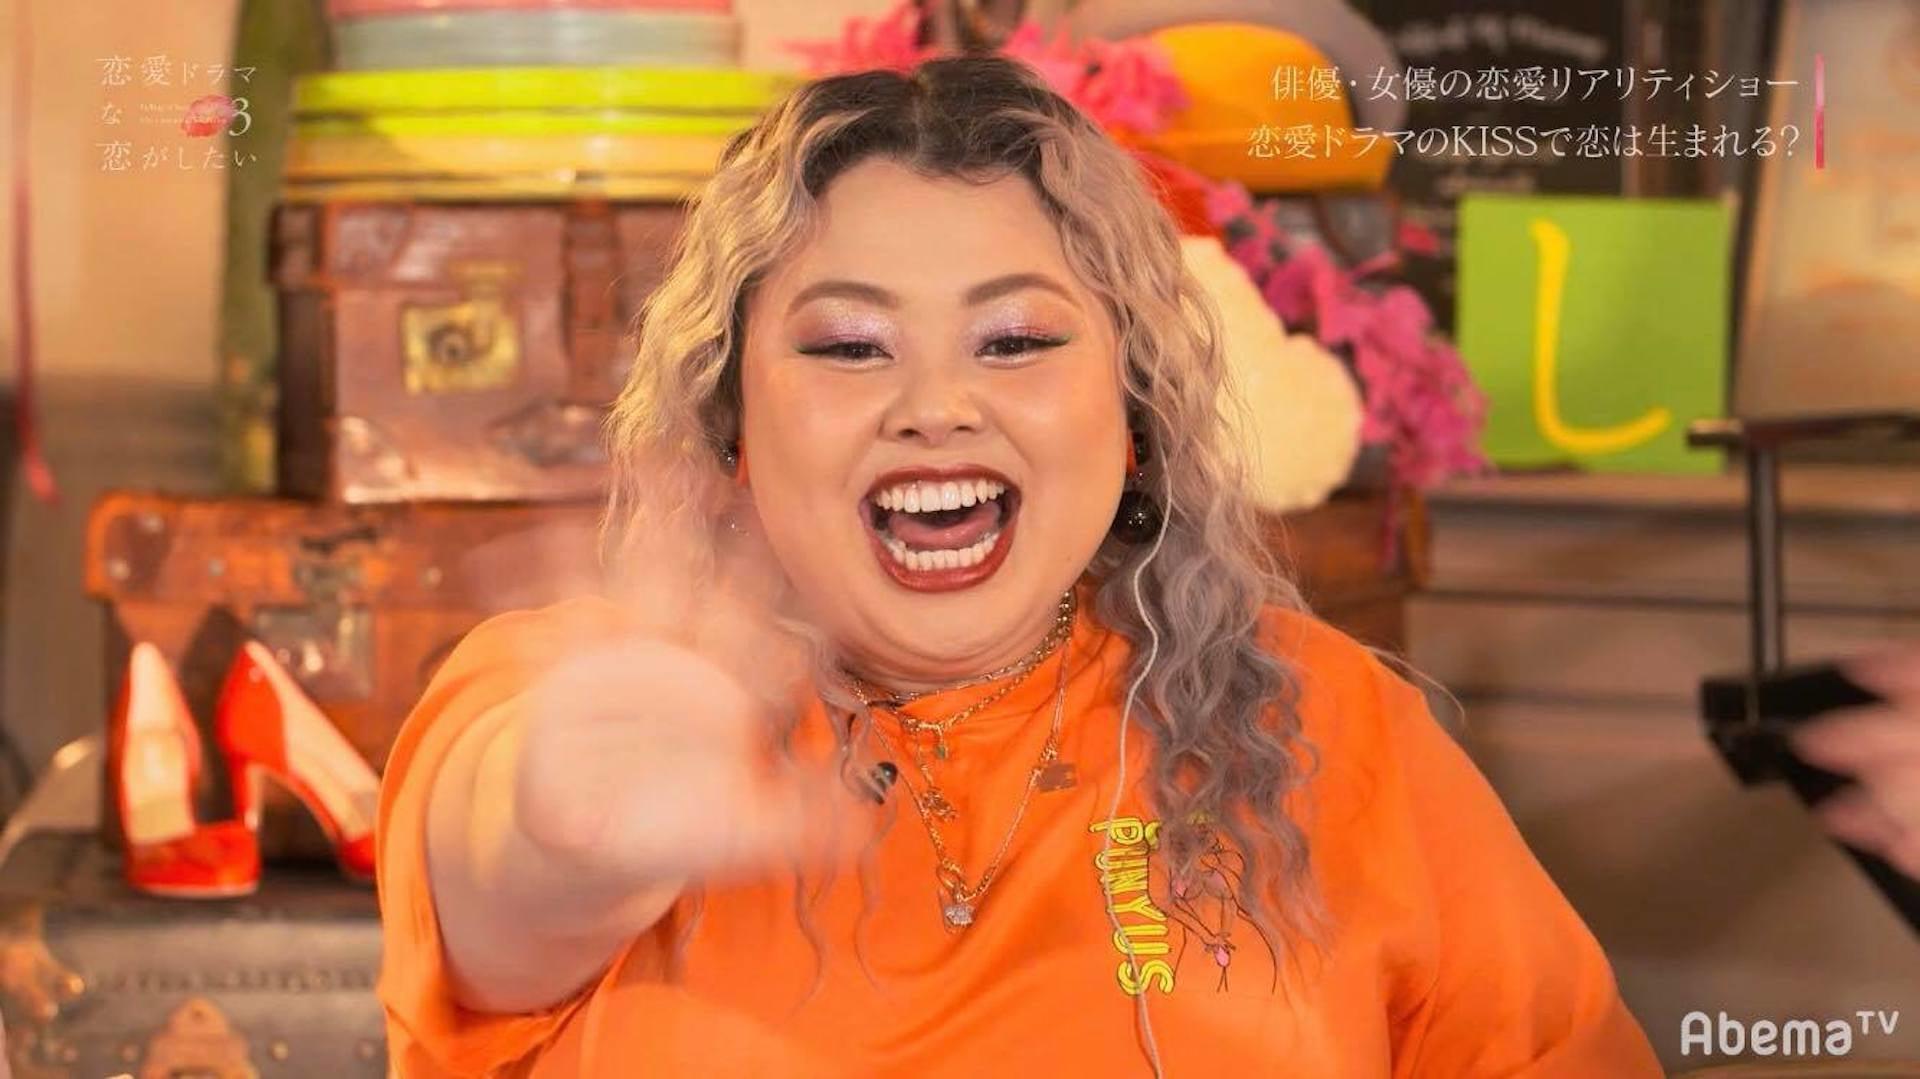 ずぶ濡れキスに渡辺直美が大興奮「このキスが1番良かった。過去1!」|AbemaTV『恋愛ドラマな恋がしたい3』配信中 video190708abematv-renai3_5-1920x1079